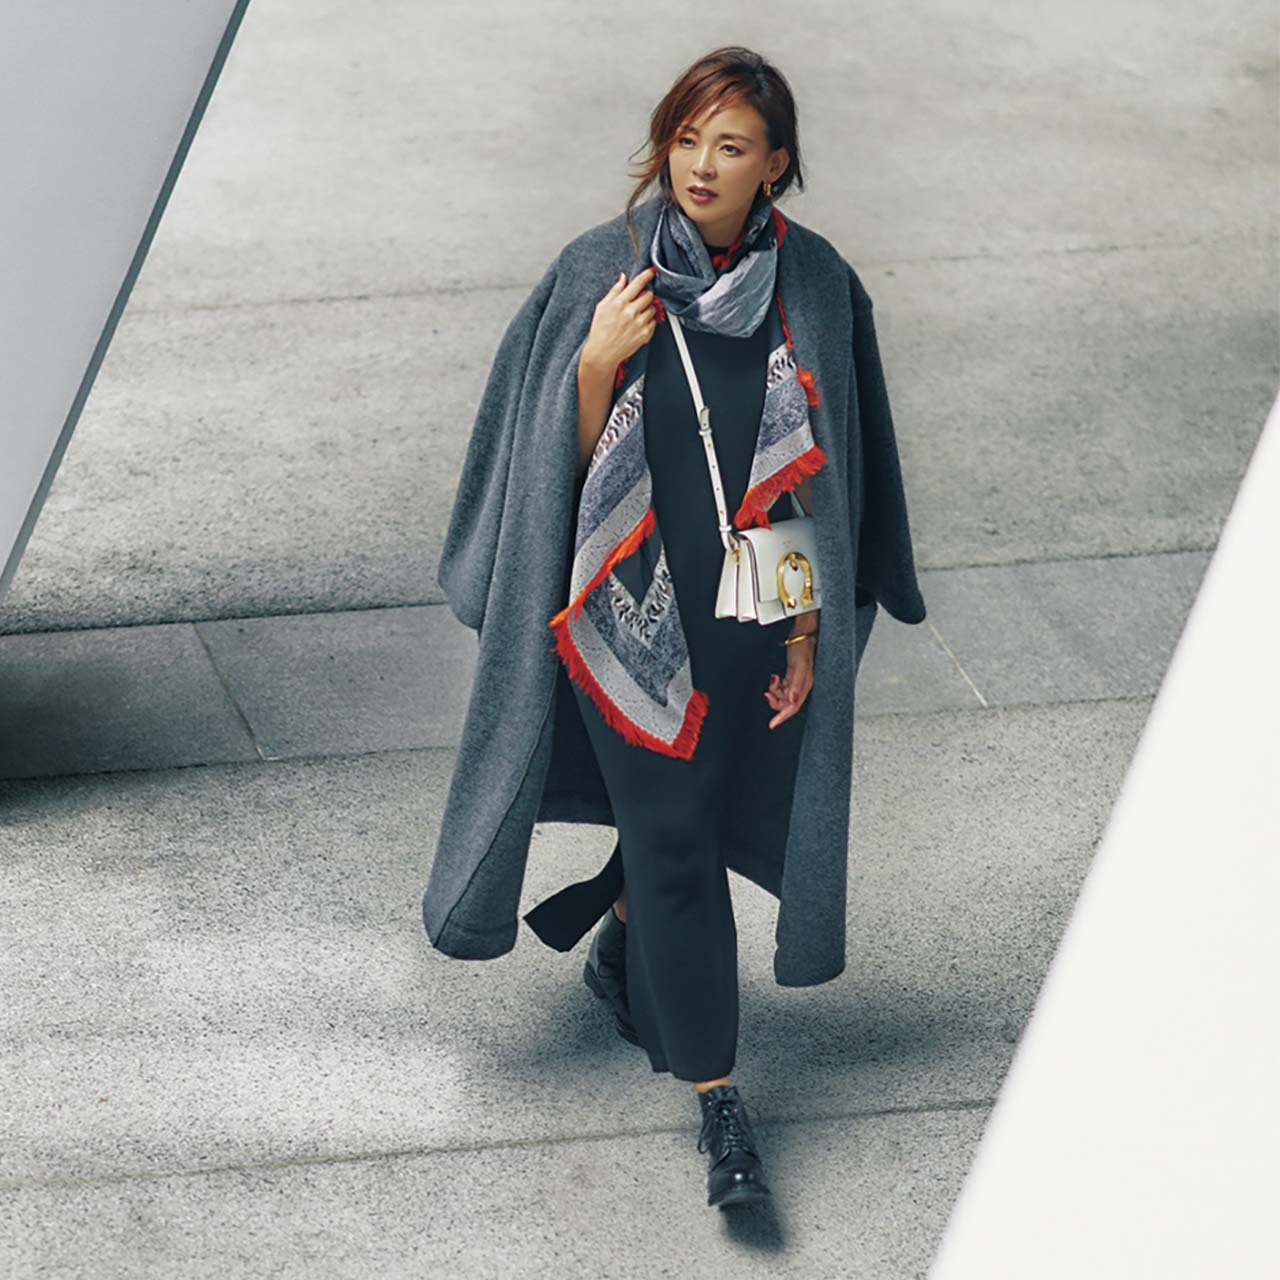 コート×ロングワンピースを着たモデルのSHIHOさん